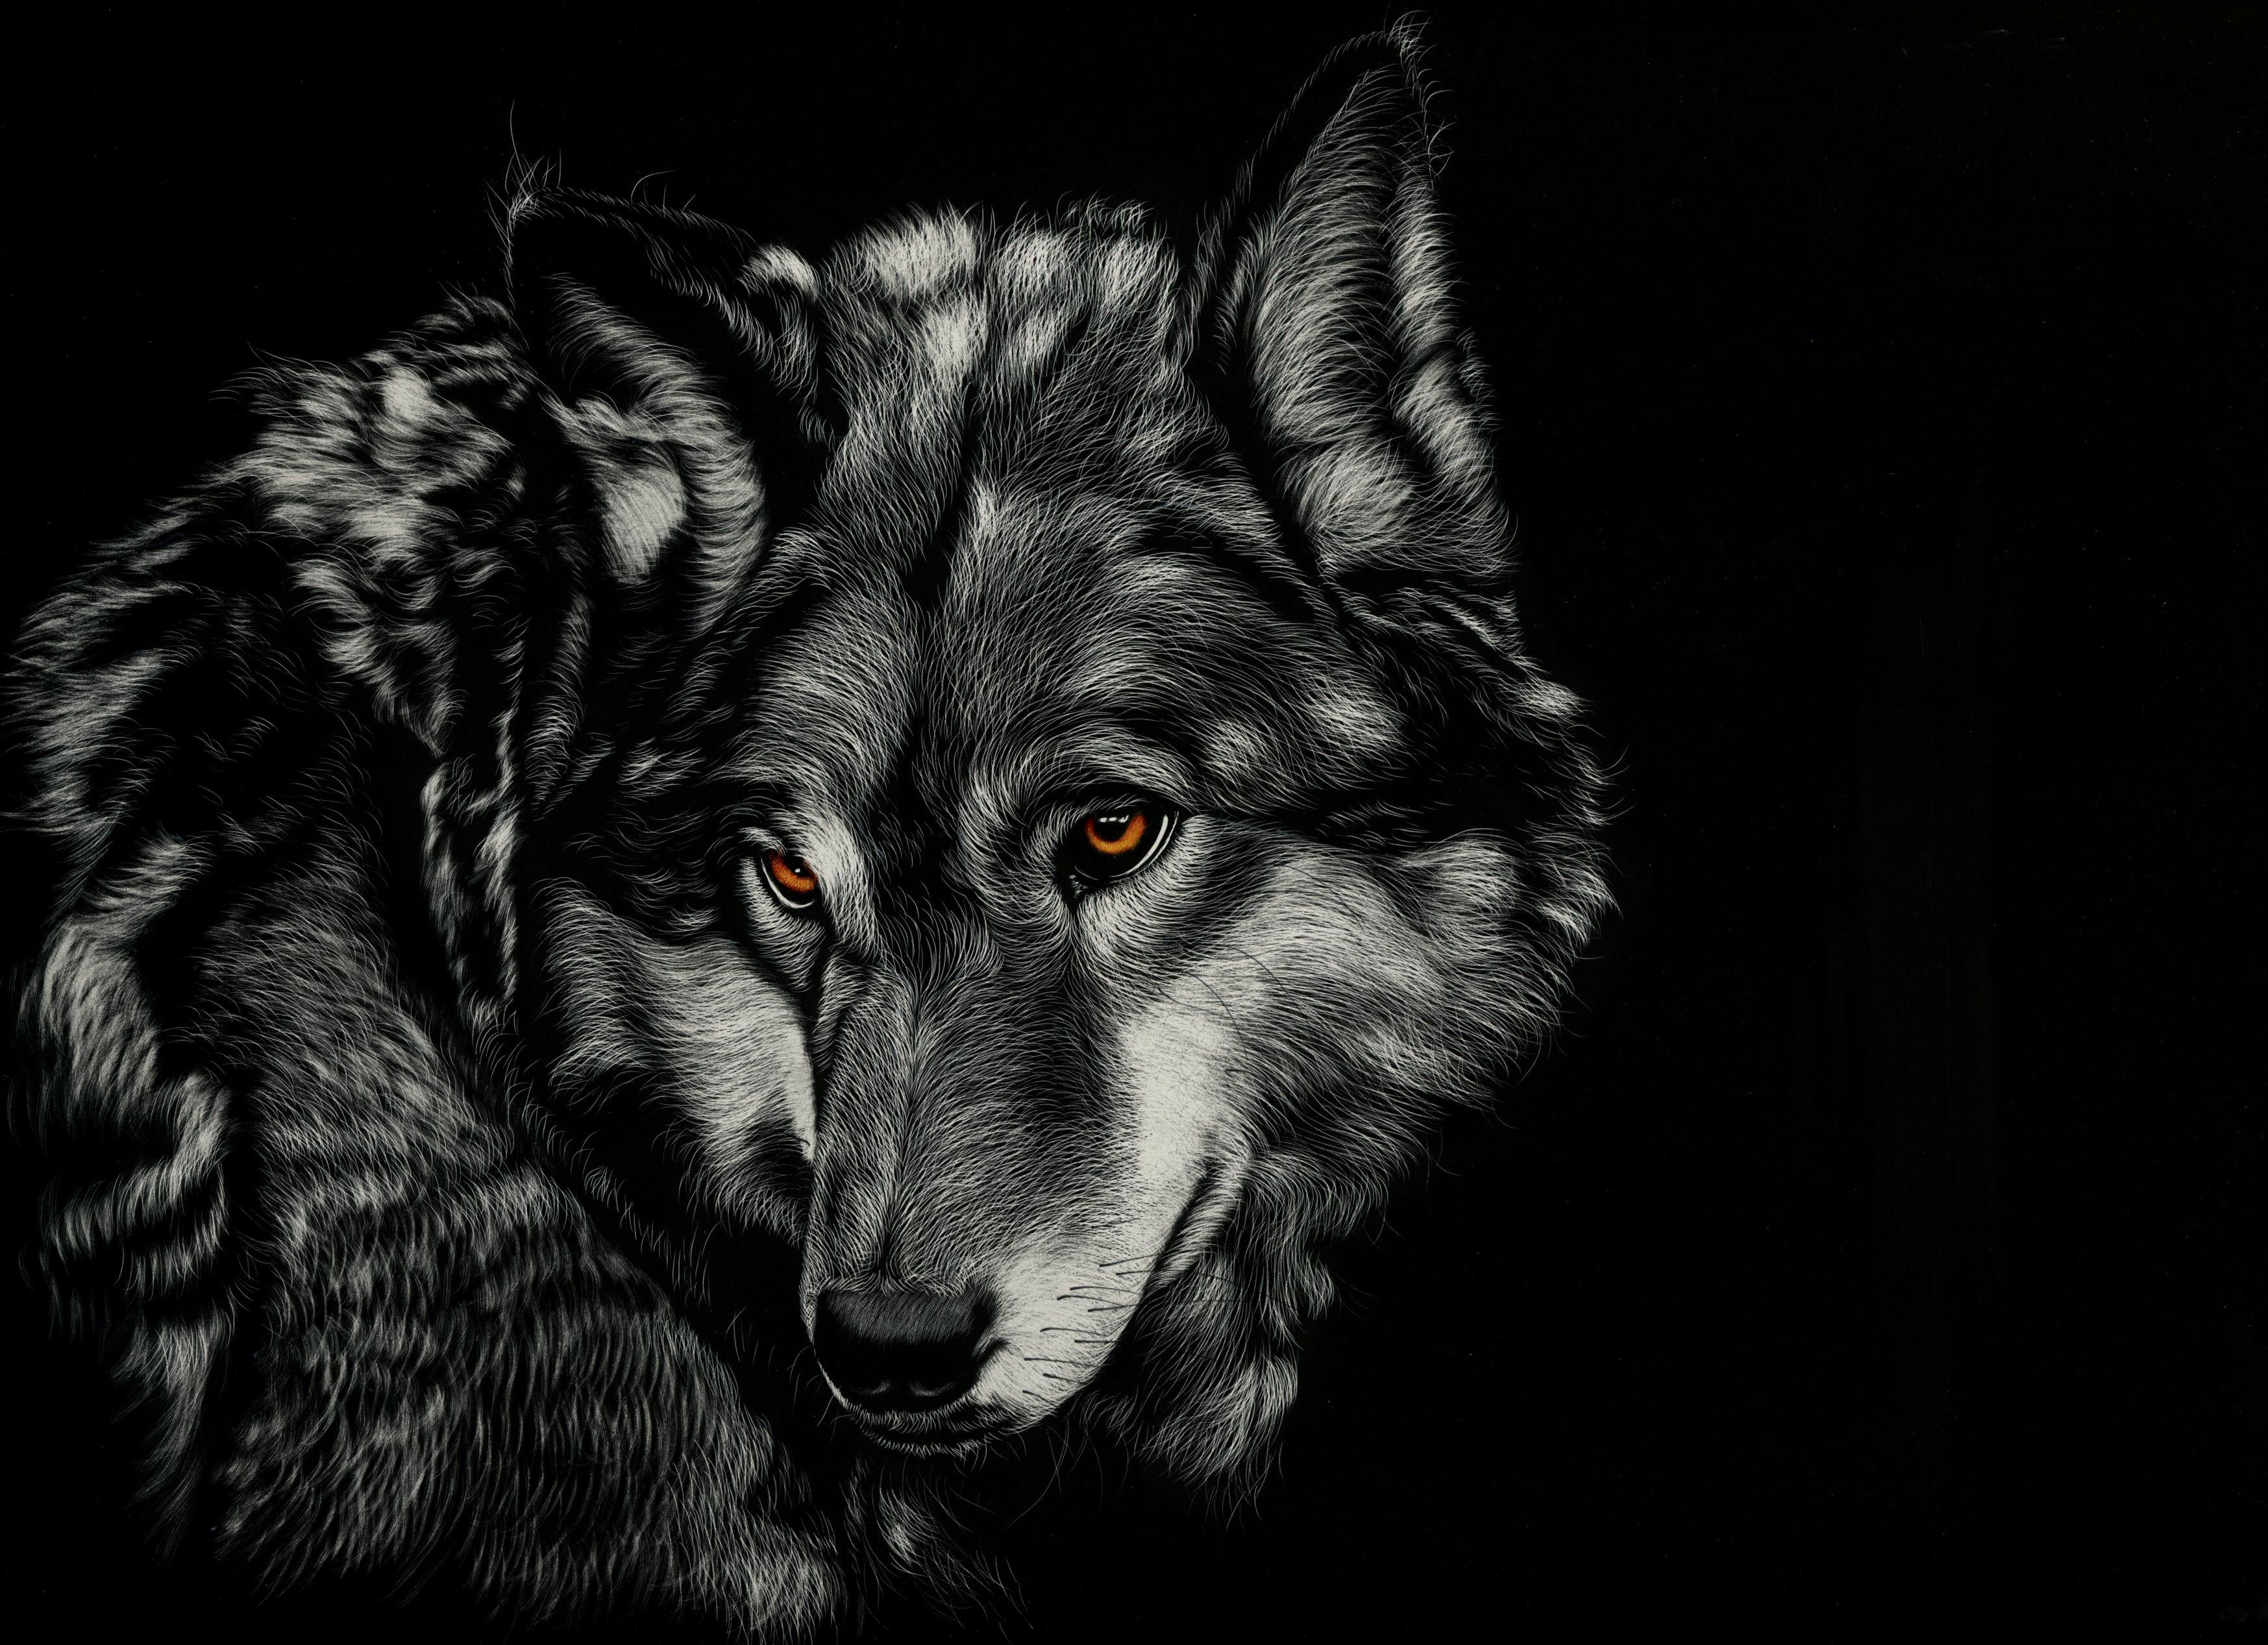 Fondos de pantalla Dibujo lobo